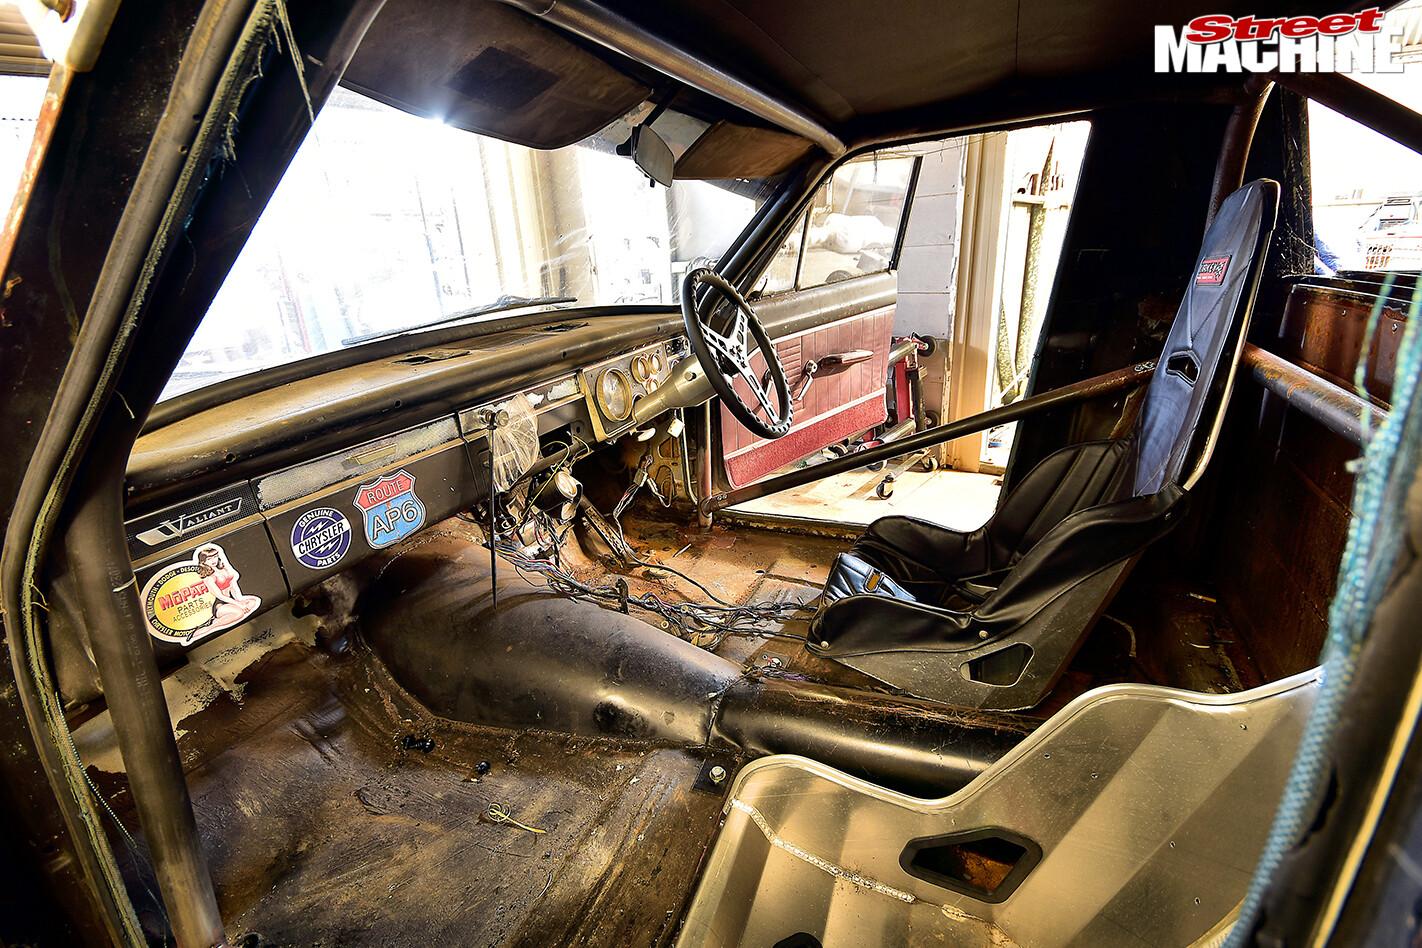 Street Machine Features Valiant Ap 6 Ute Interior